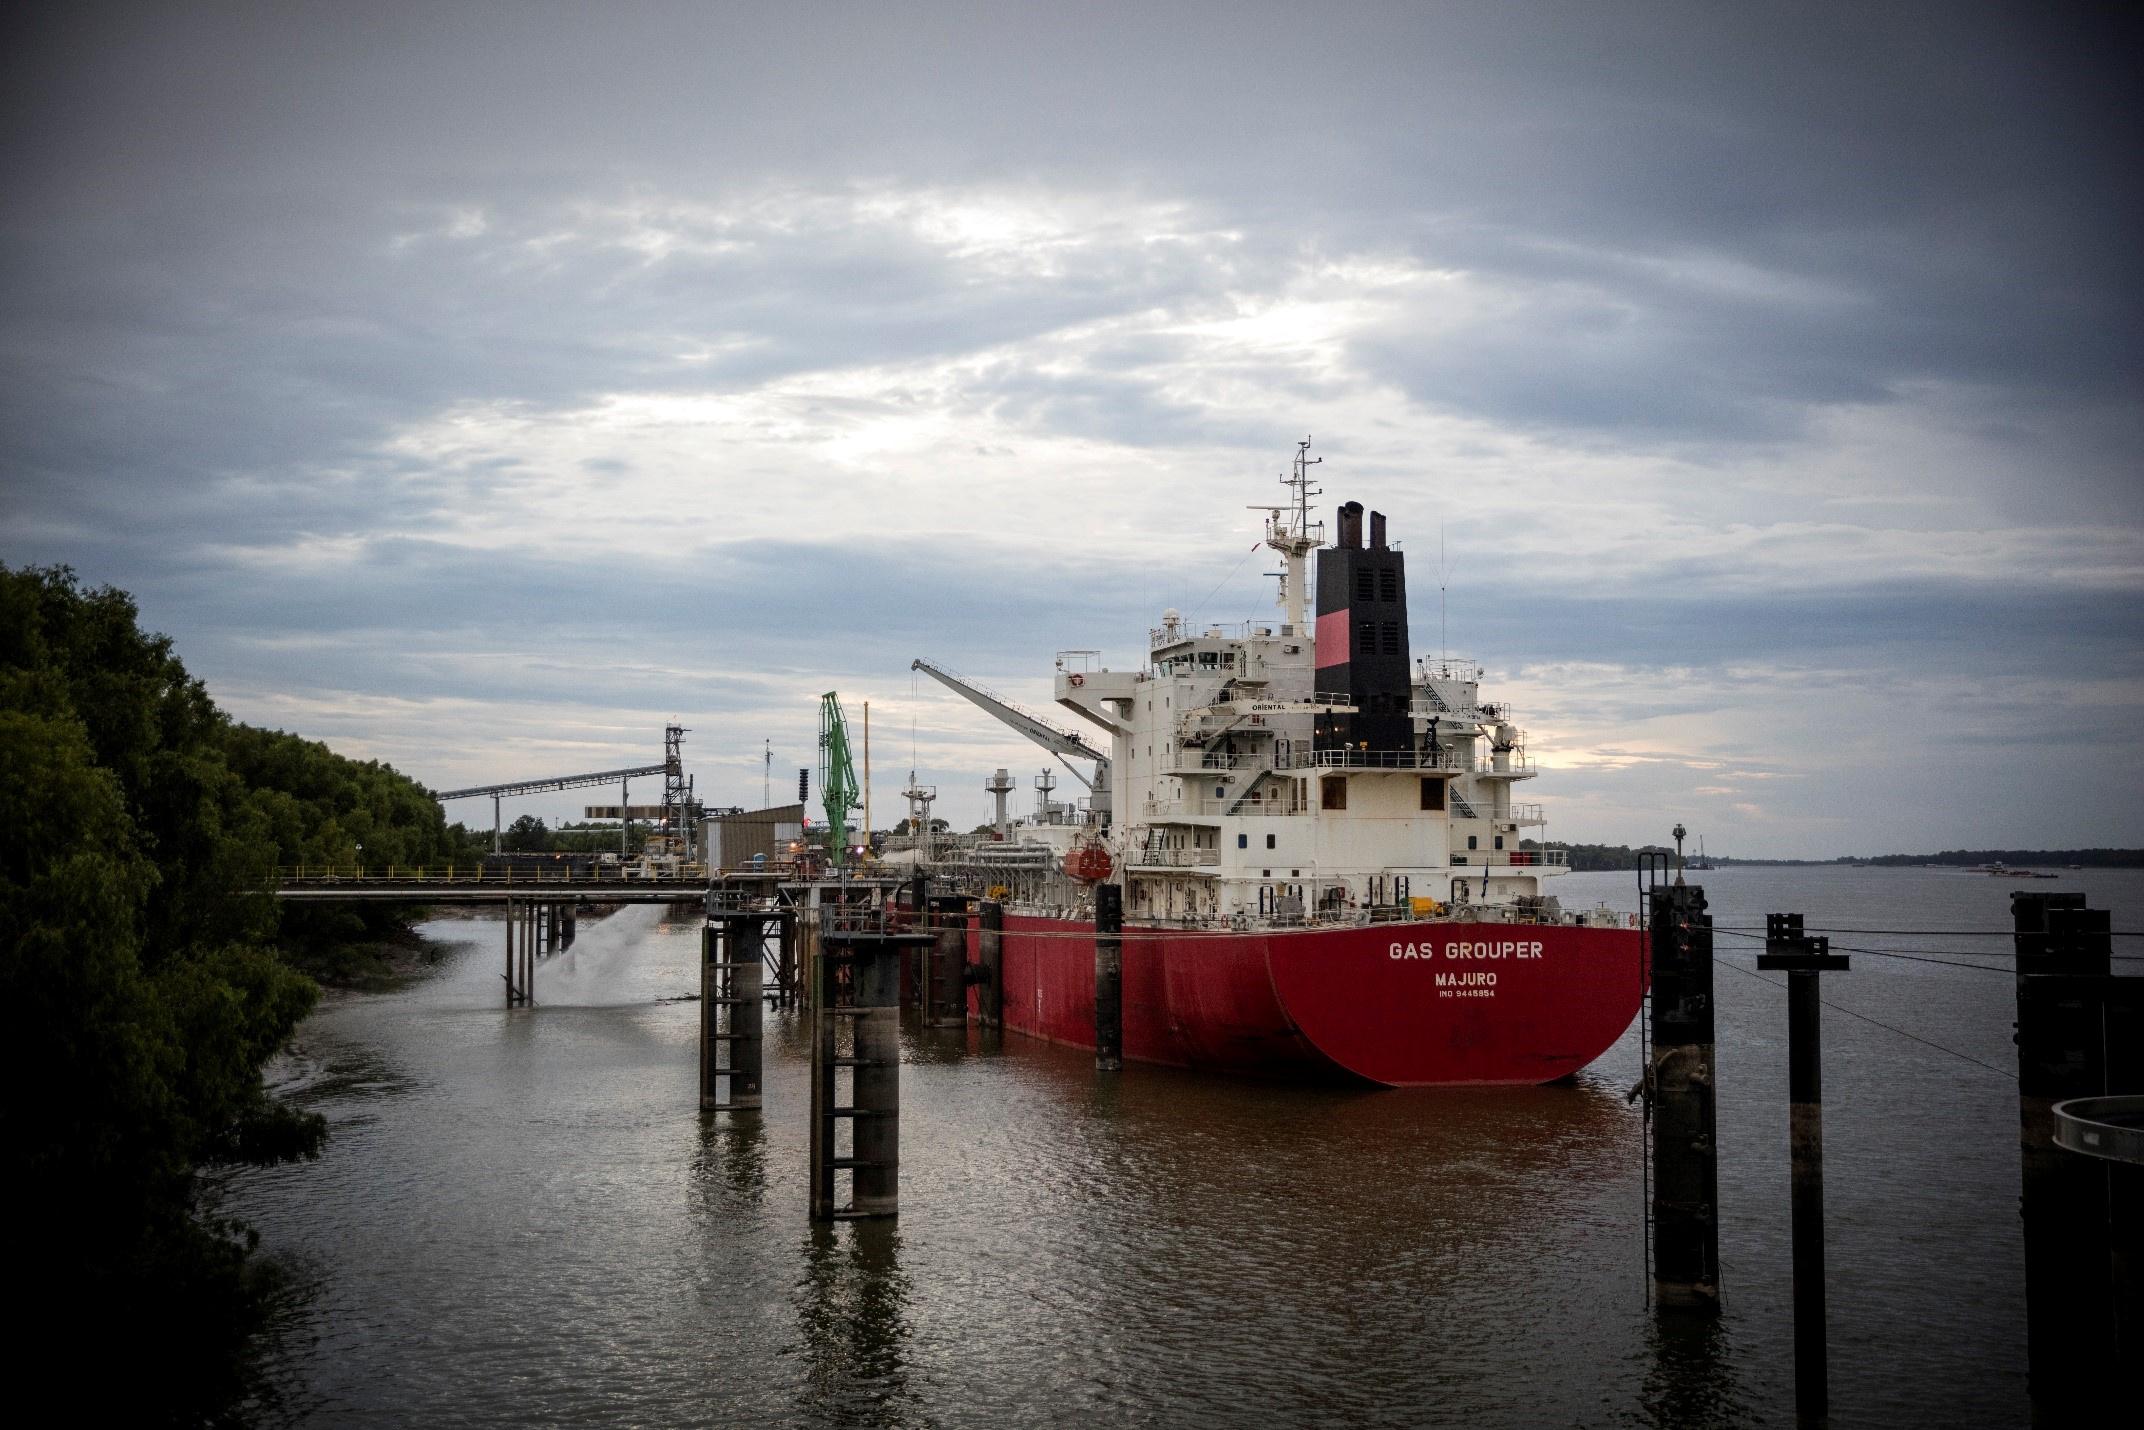 A vessel loads ammonia fertilizer in Donaldsonville, Louisiana, U.S. in 2015. Picture taken in 2015. CF Industries/Handout via REUTERS.